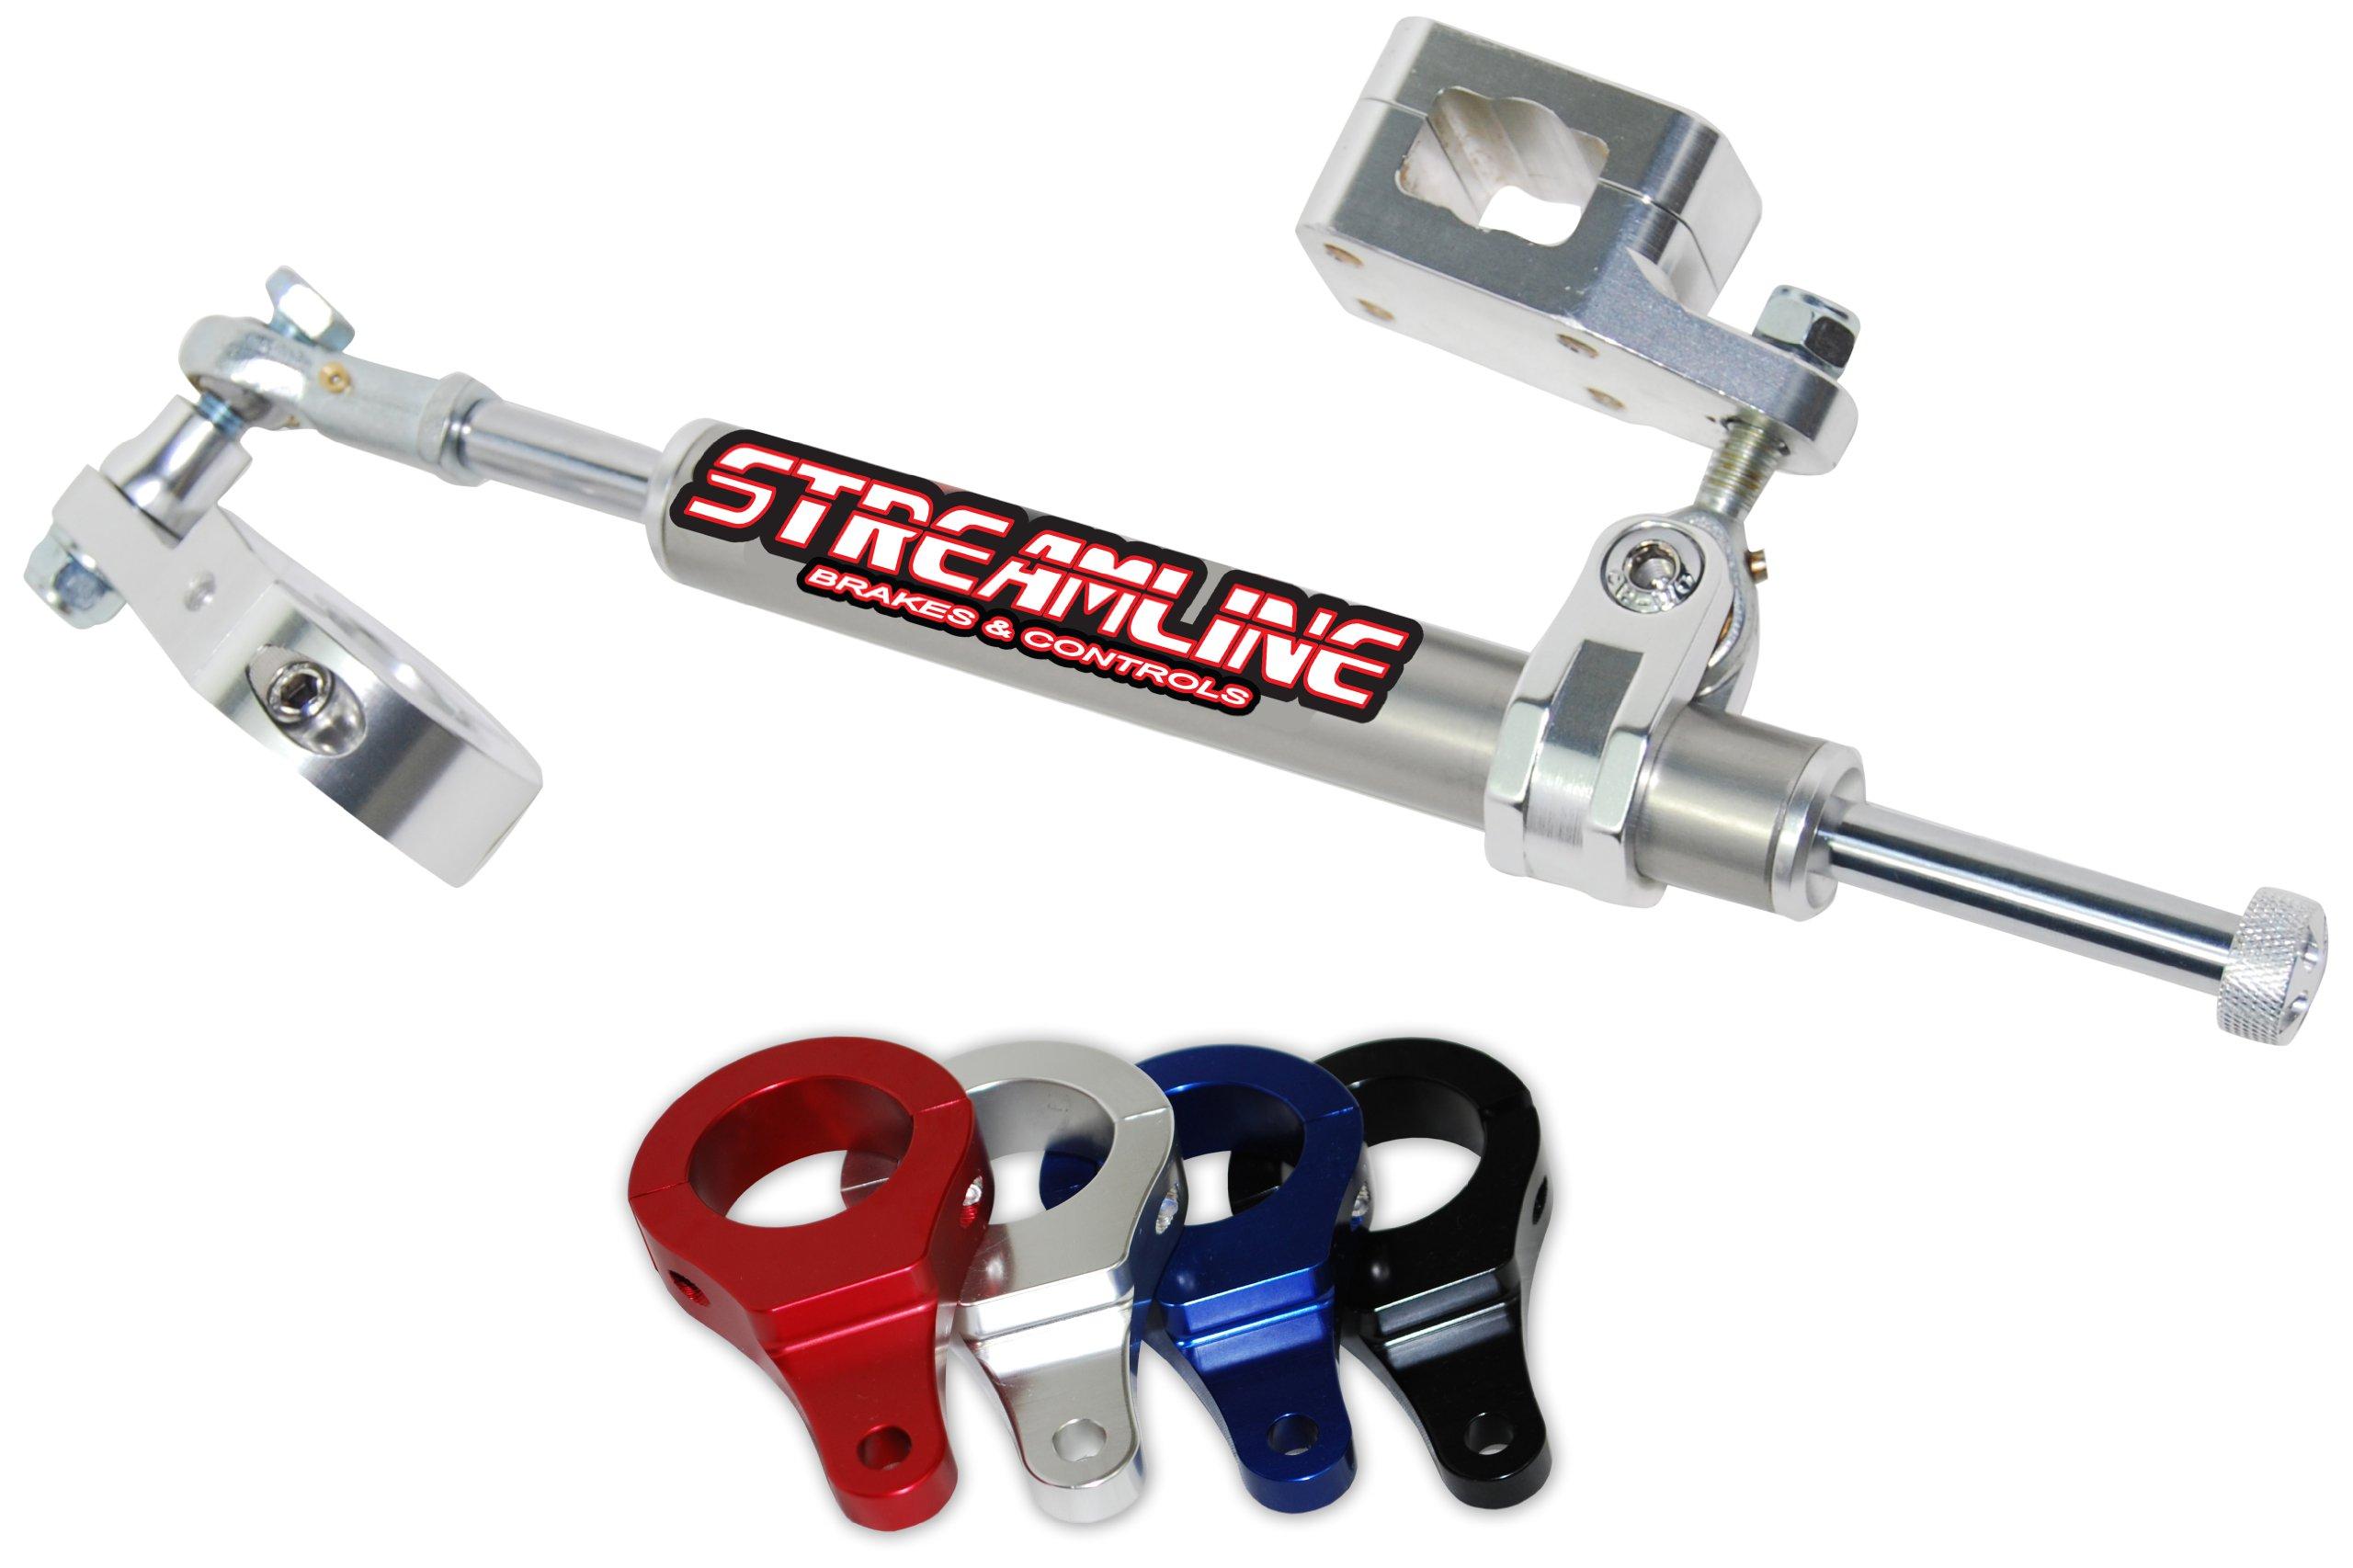 Streamline BTS-ERB54-S SS11 Steering Stabilizer